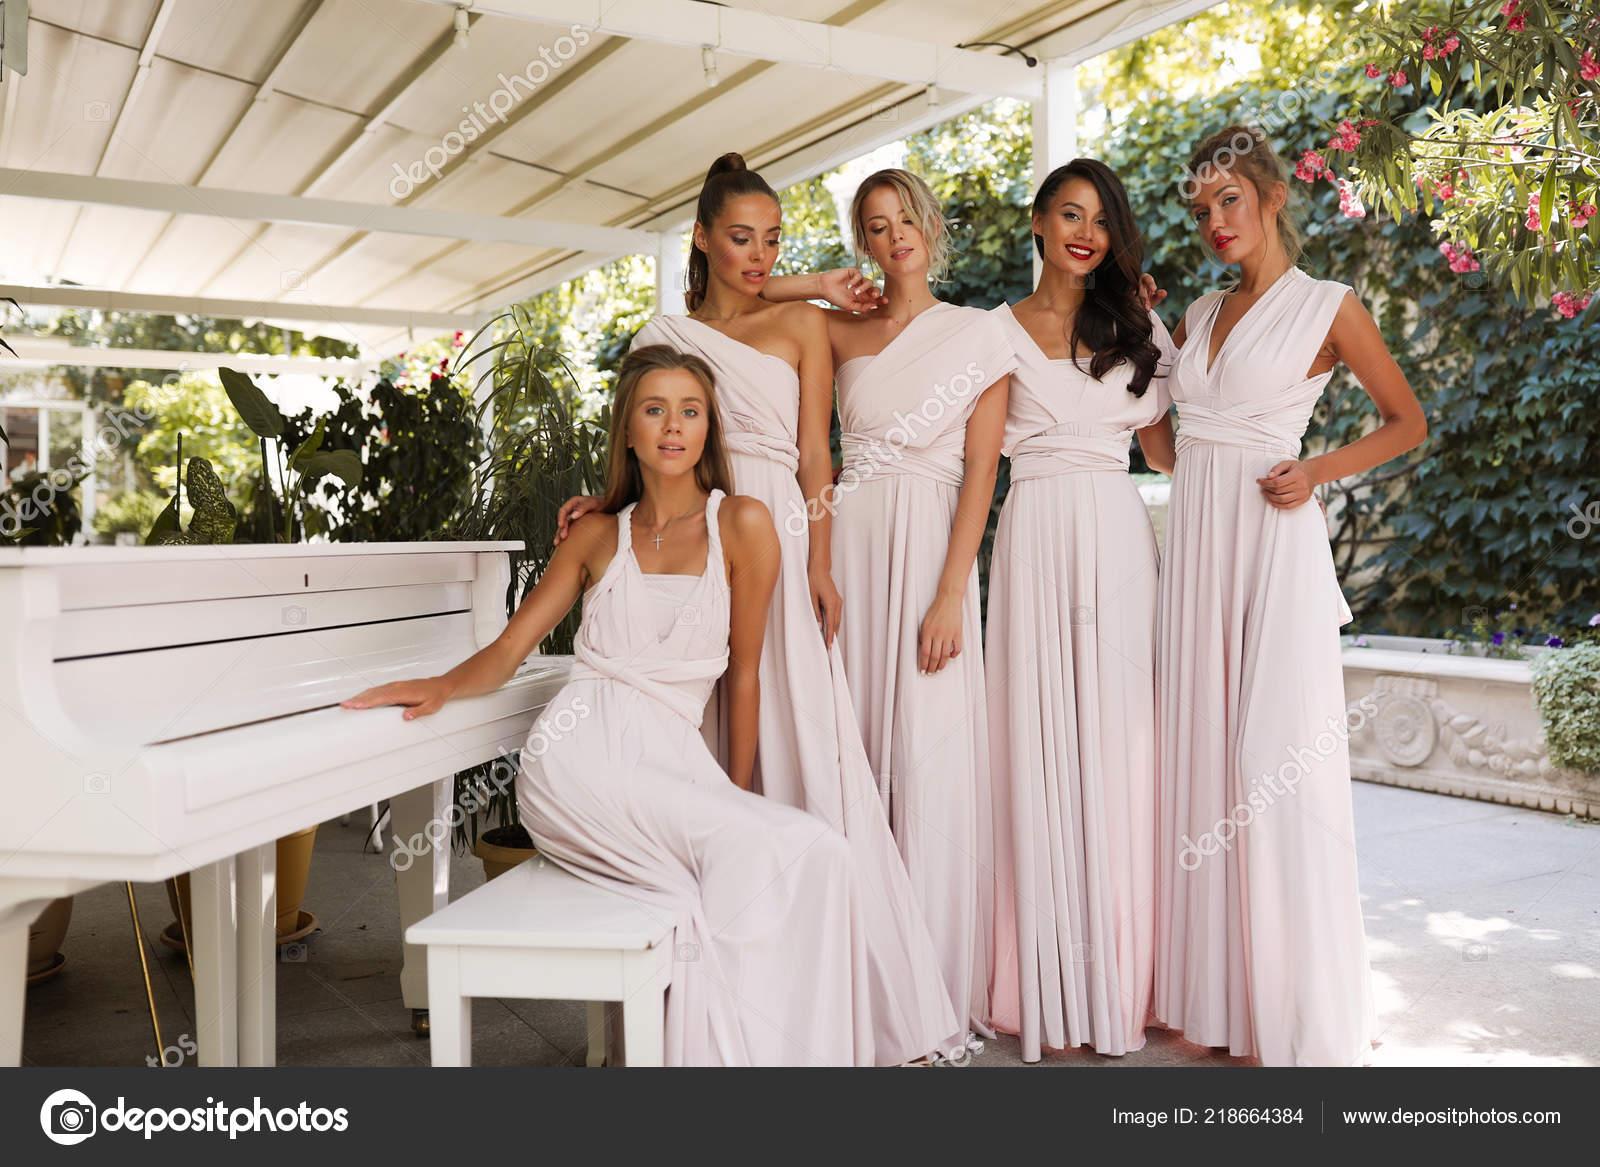 a7837dd37f53 Τρυφερό Θηλυκό Κυρίες Στο Φως Ροζ Φορέματα Στέκεται Κοντά Πιάνο — Φωτογραφία  Αρχείου